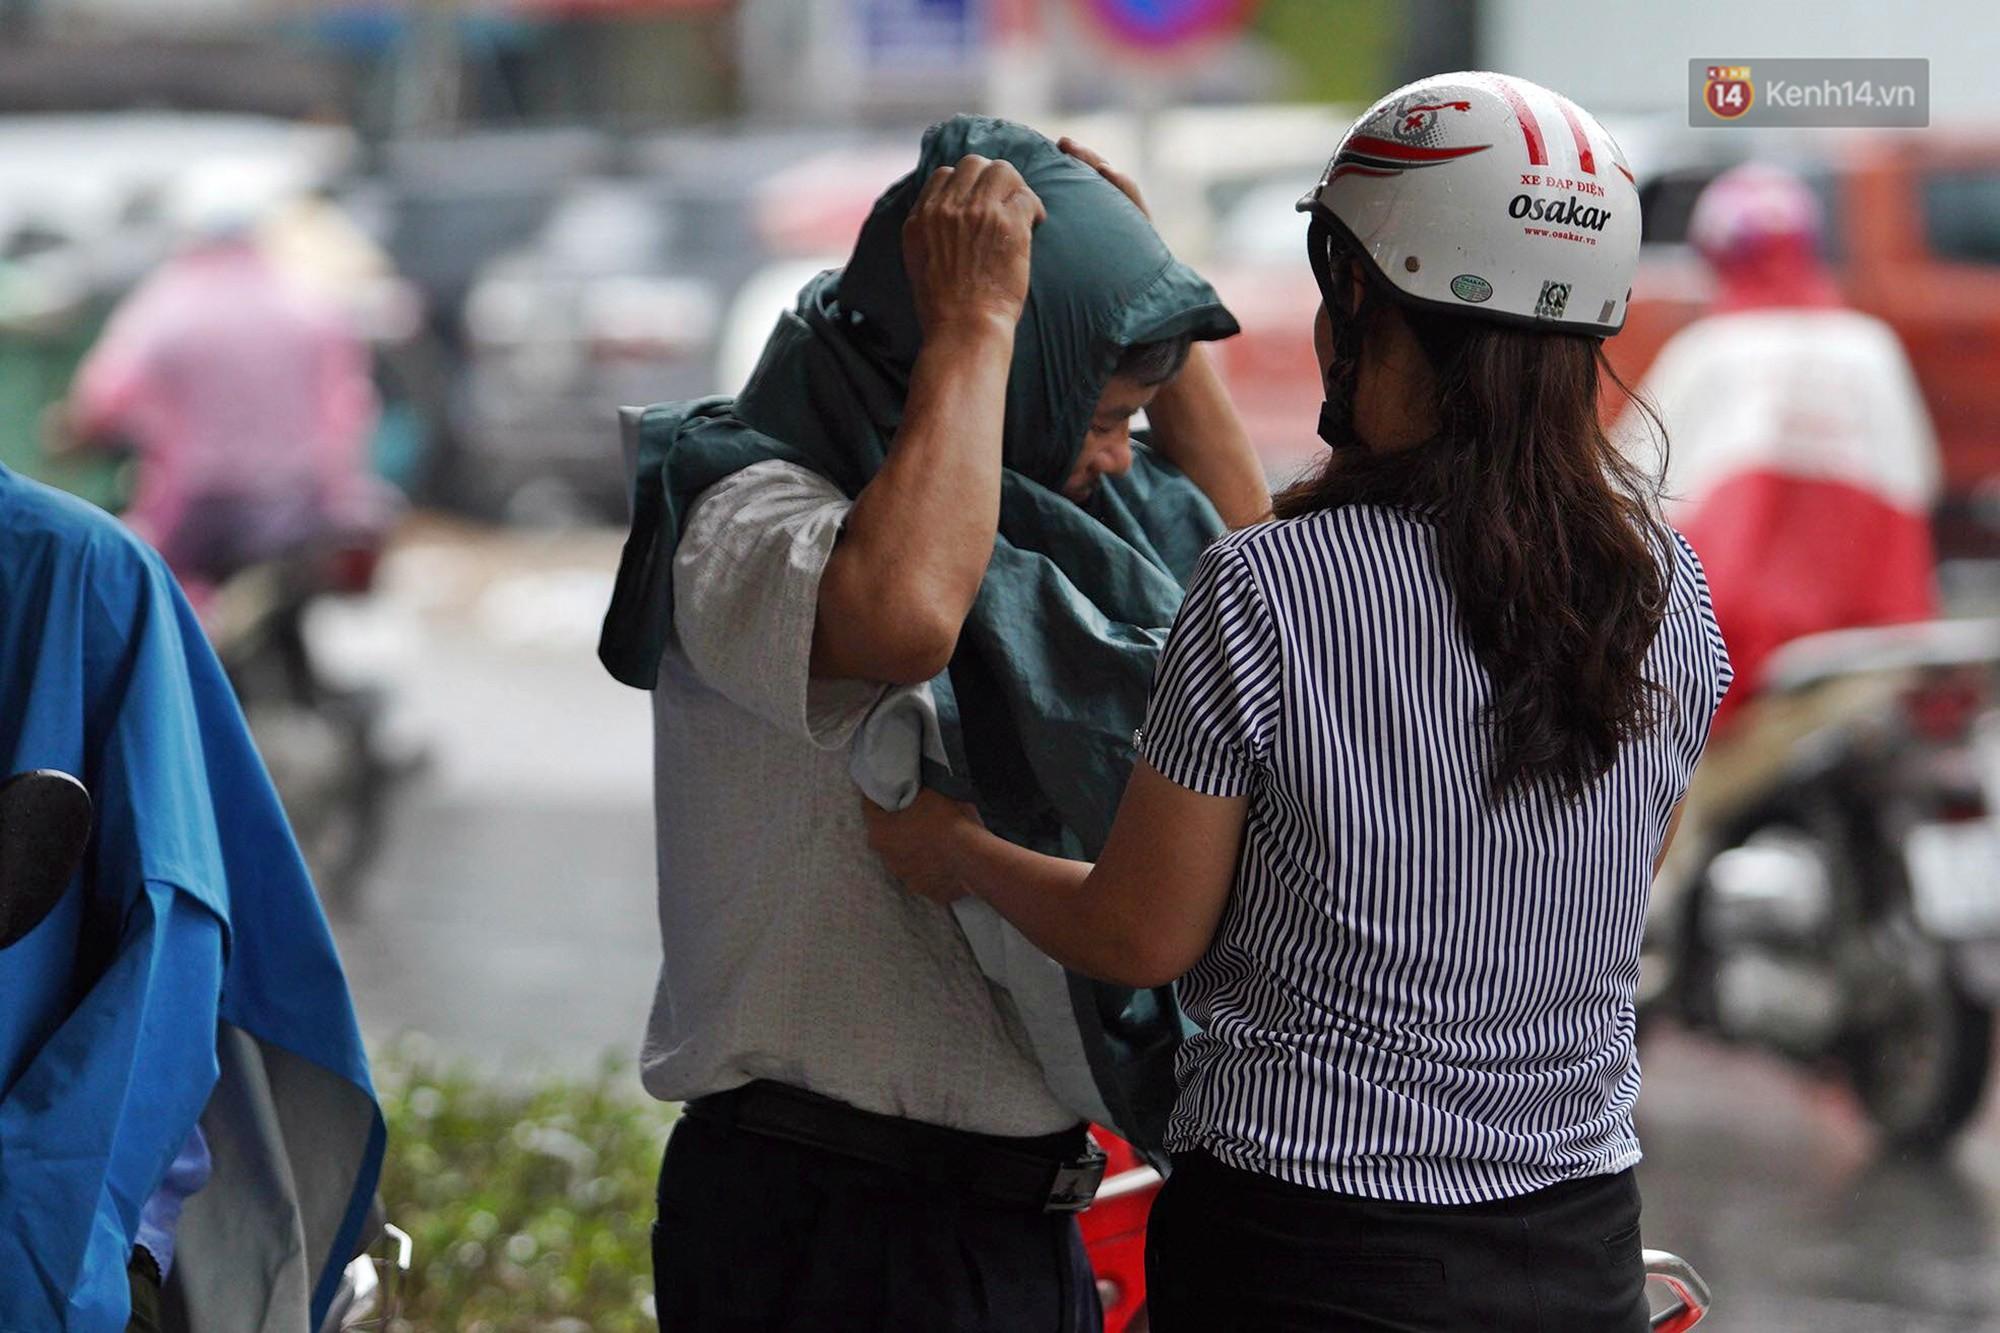 Hà Nội bắt đầu đổ mưa do ảnh hưởng của bão số 2, người dân chật vật lưu thông giờ tan tầm - Ảnh 8.